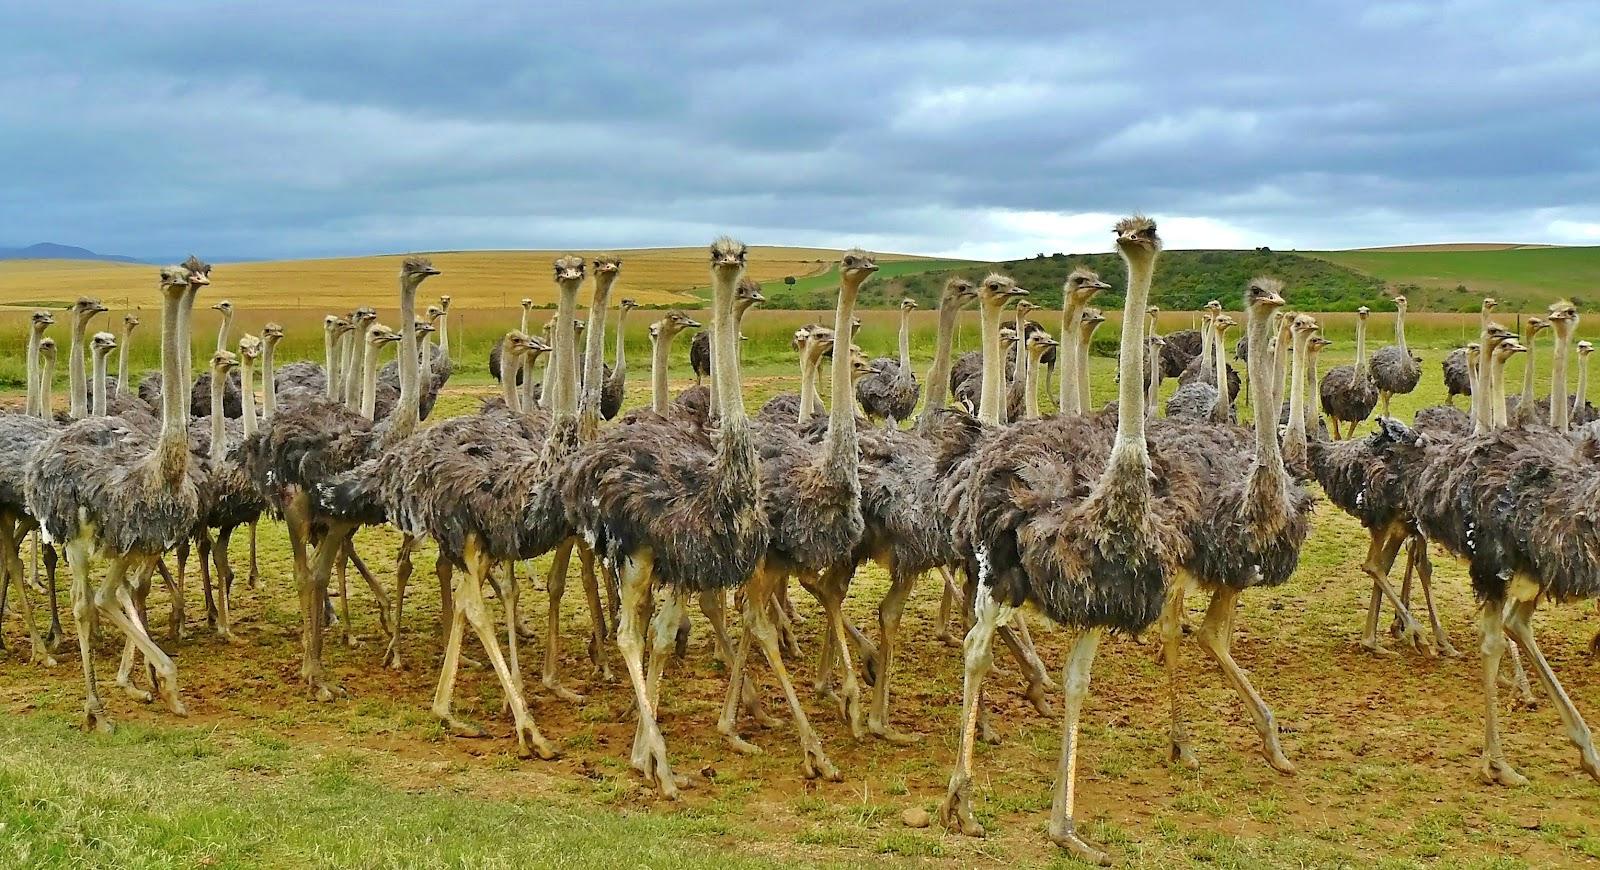 ostriches-838976.jpg